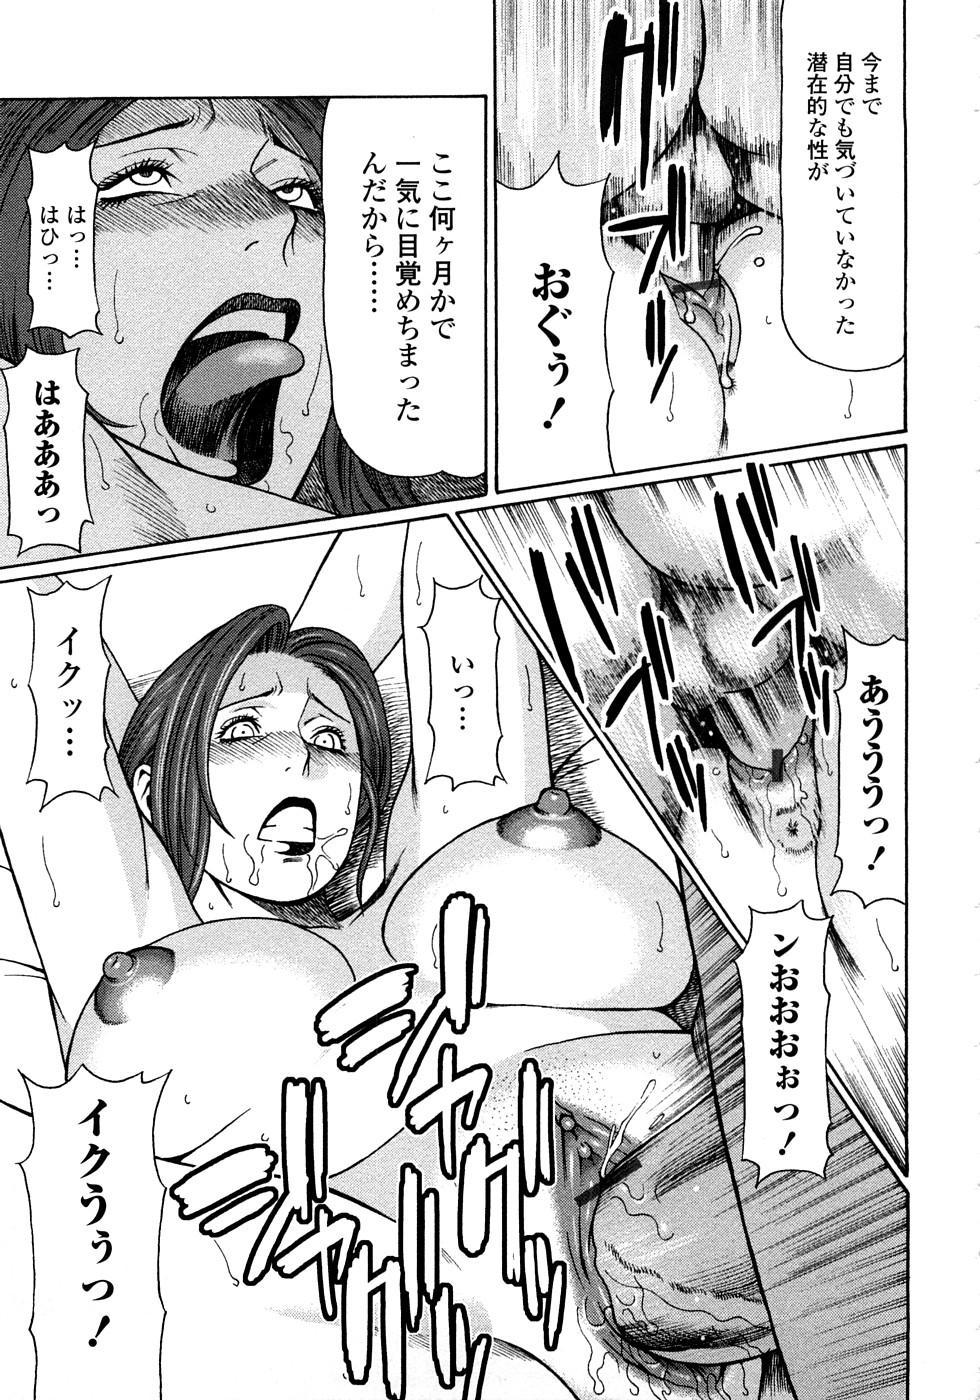 Etsuraku no Tobira - The Door of Sexual Pleasure 165